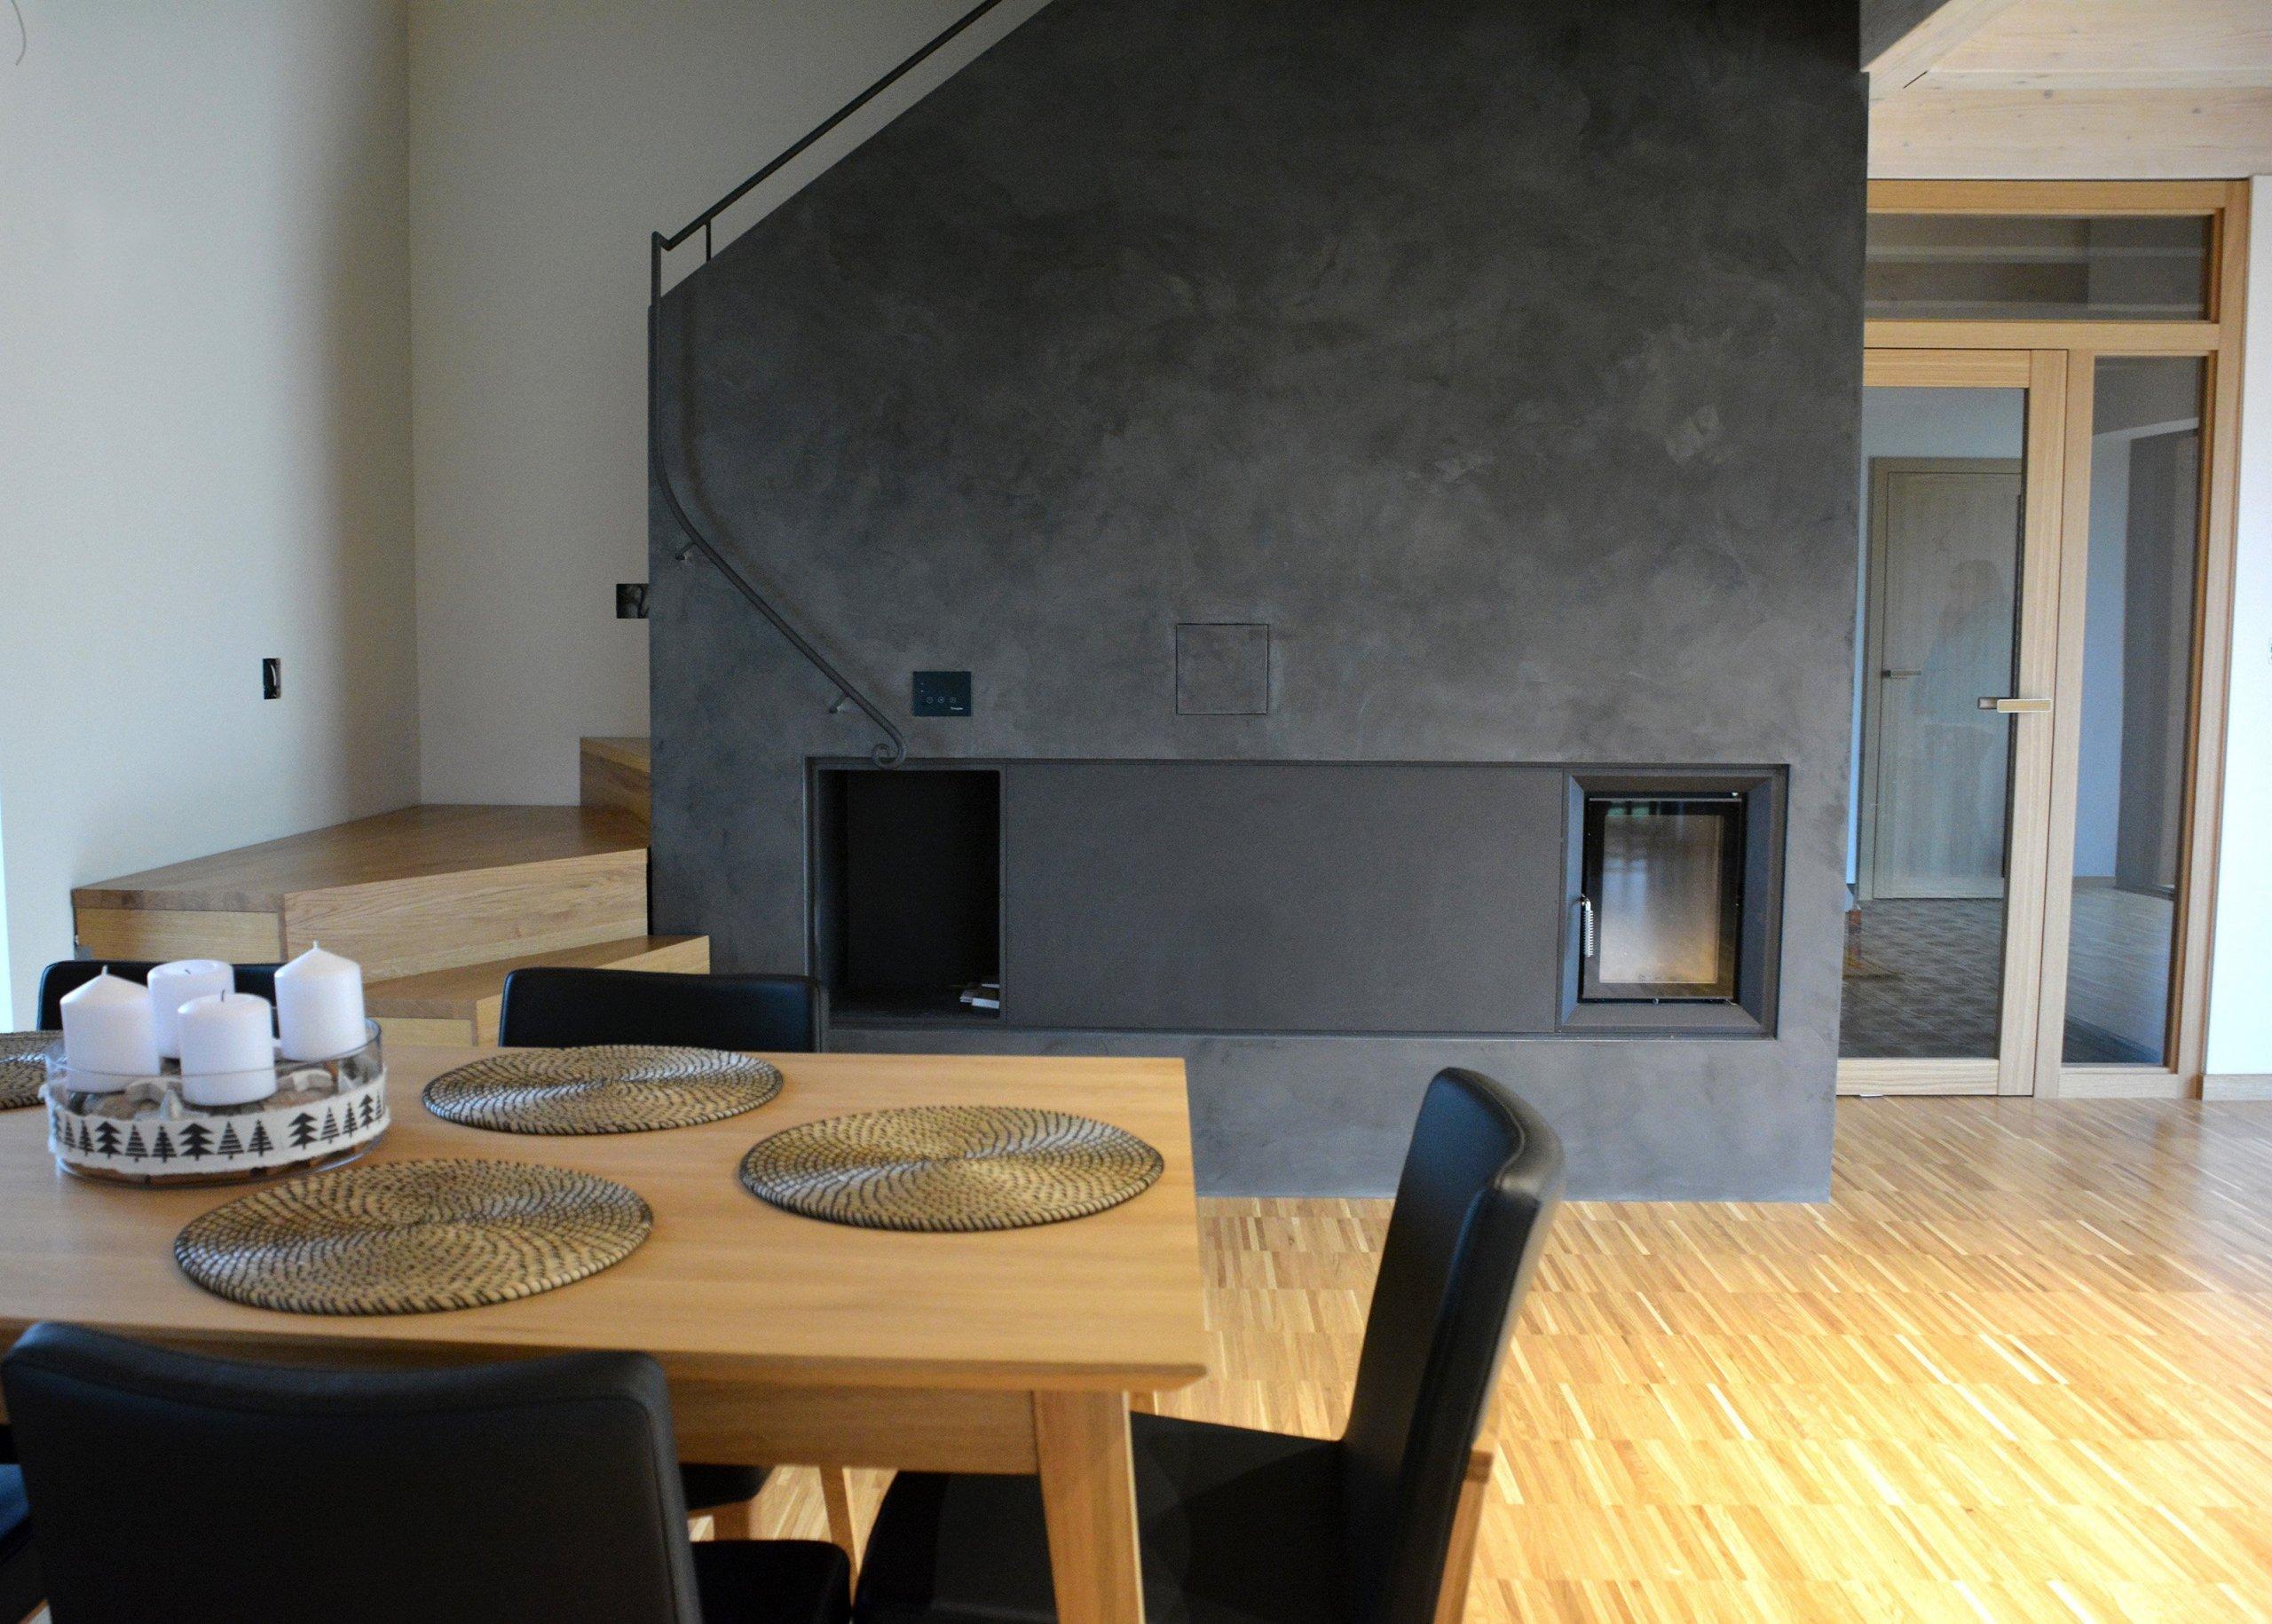 Moderní nadčasový interiér    -Akce: Rodinný dům  -Realizace betonových povrchů a podlahové krytiny: MALDECOR, s.r.o.  -Použité materiály:…